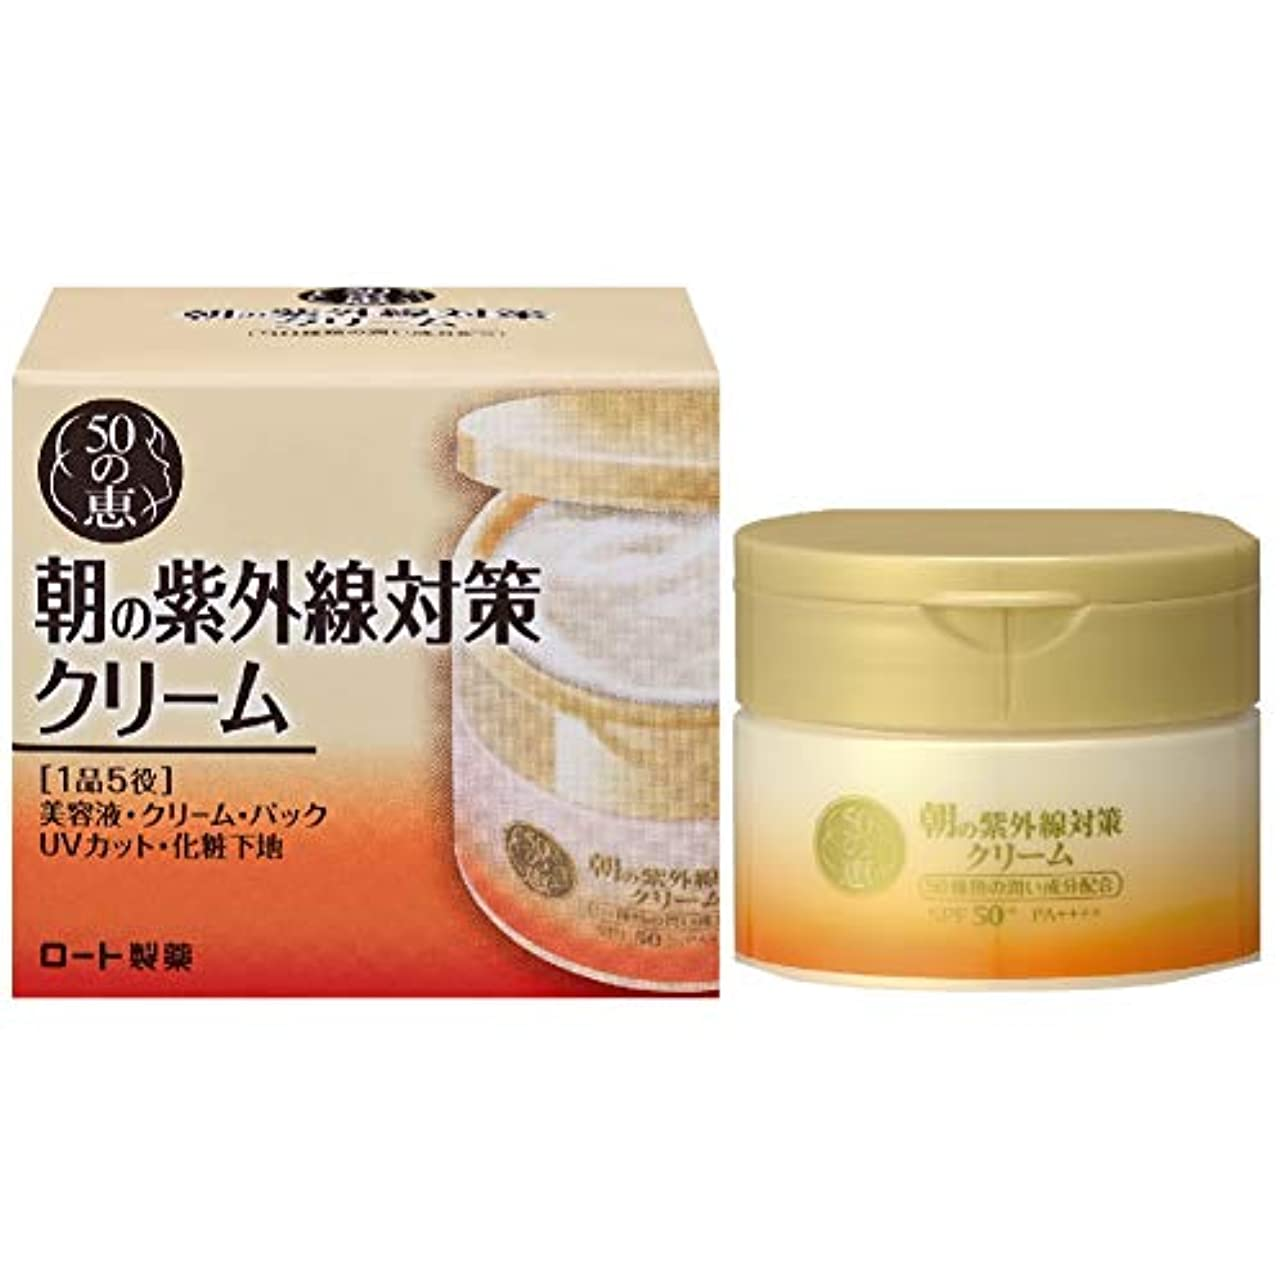 レーザうつ喜ぶロート製薬 50の恵エイジングケア 朝の紫外線対策クリーム 養潤成分50種類配合オールインワン SPF50+ PA++++ 90g